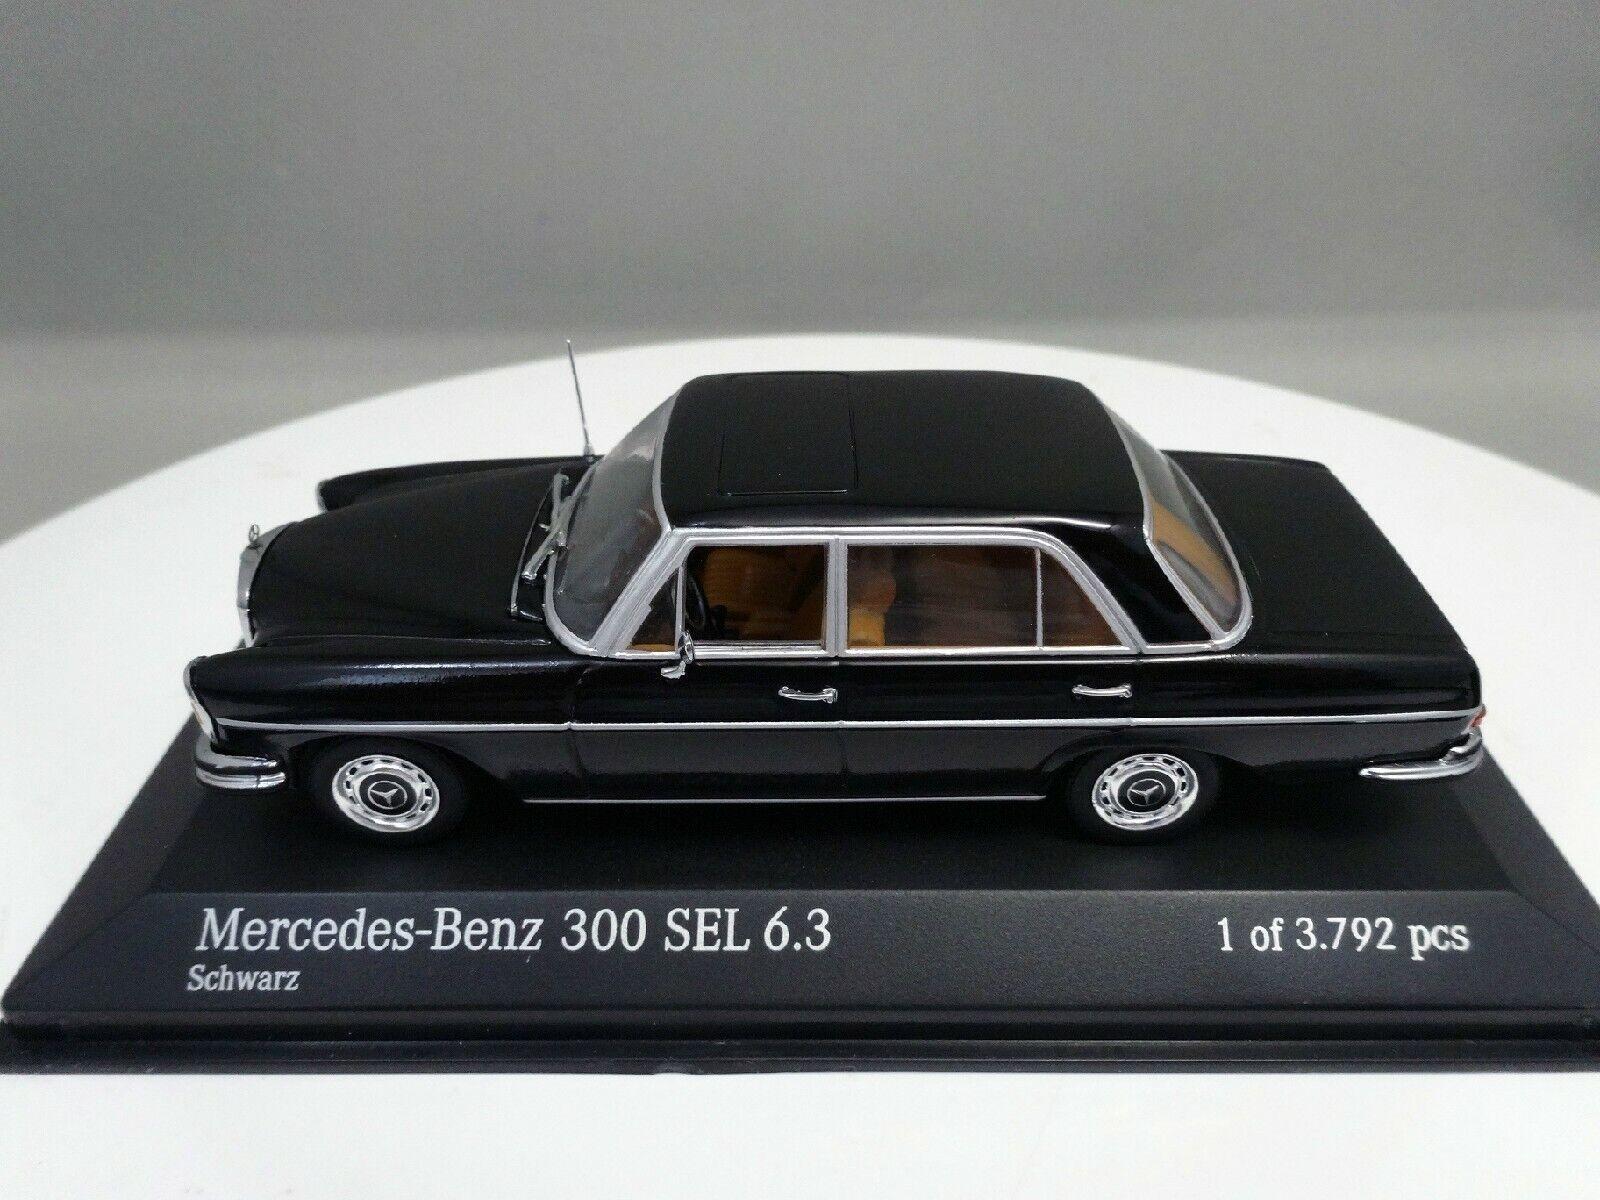 Mercedes - Benz 300 sel 6.3 1968 - 72 negro mini Championship